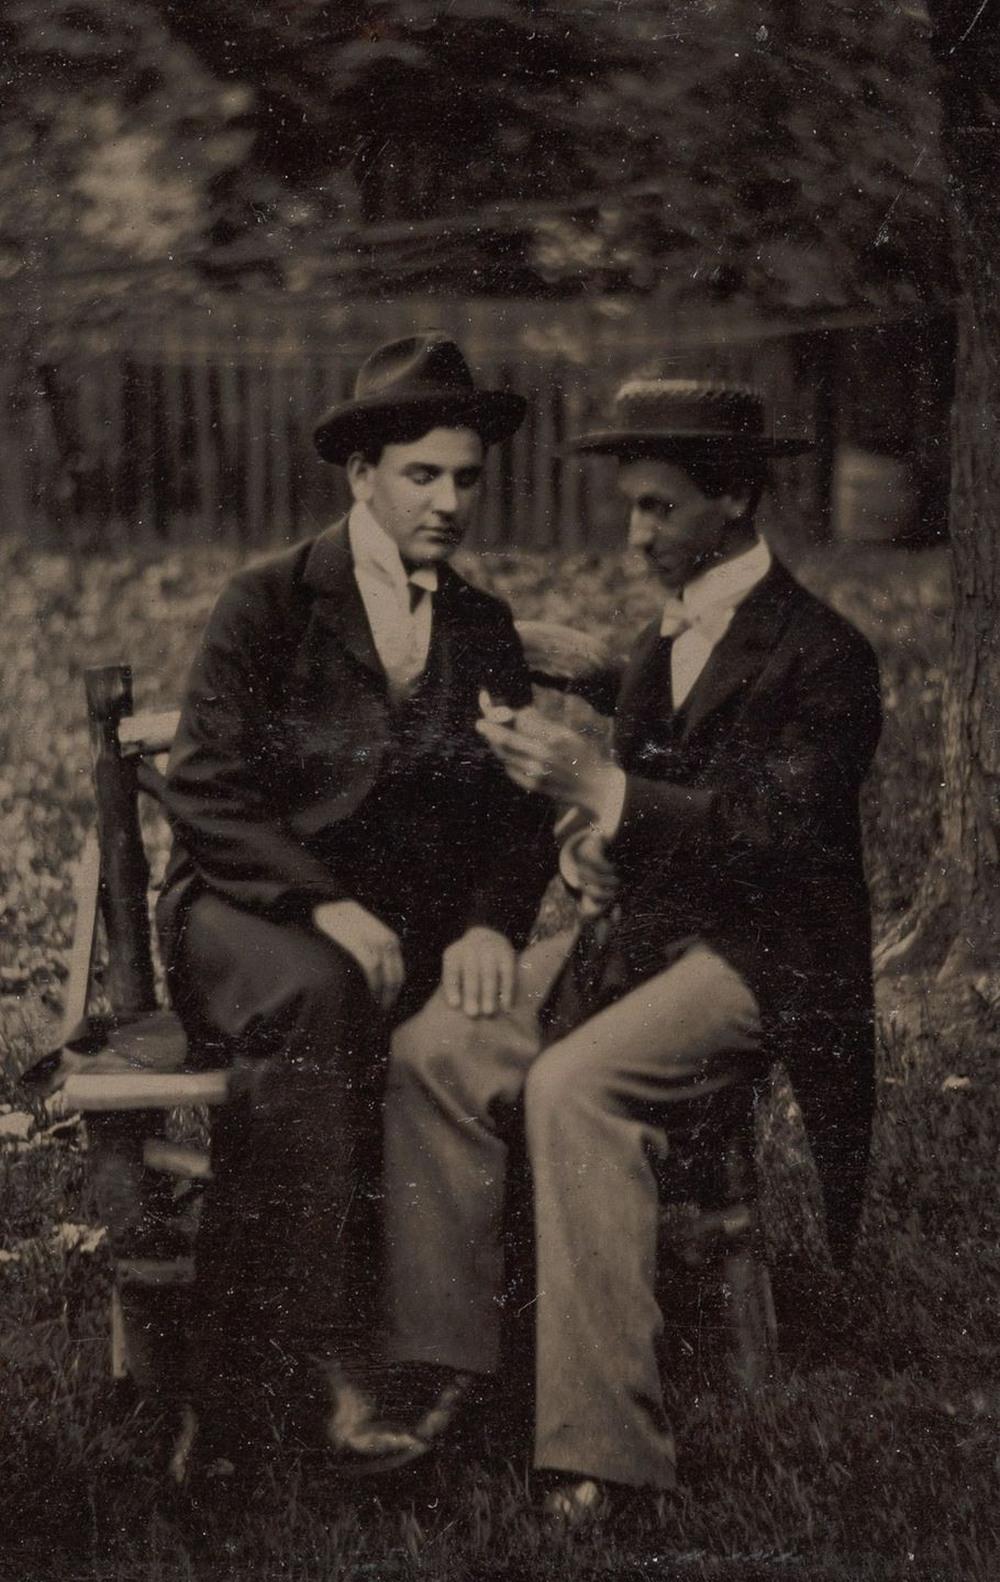 Броманс в викторианскую эпоху: интимные мужские объятия в редких фотографиях конца 1800-х годов  7